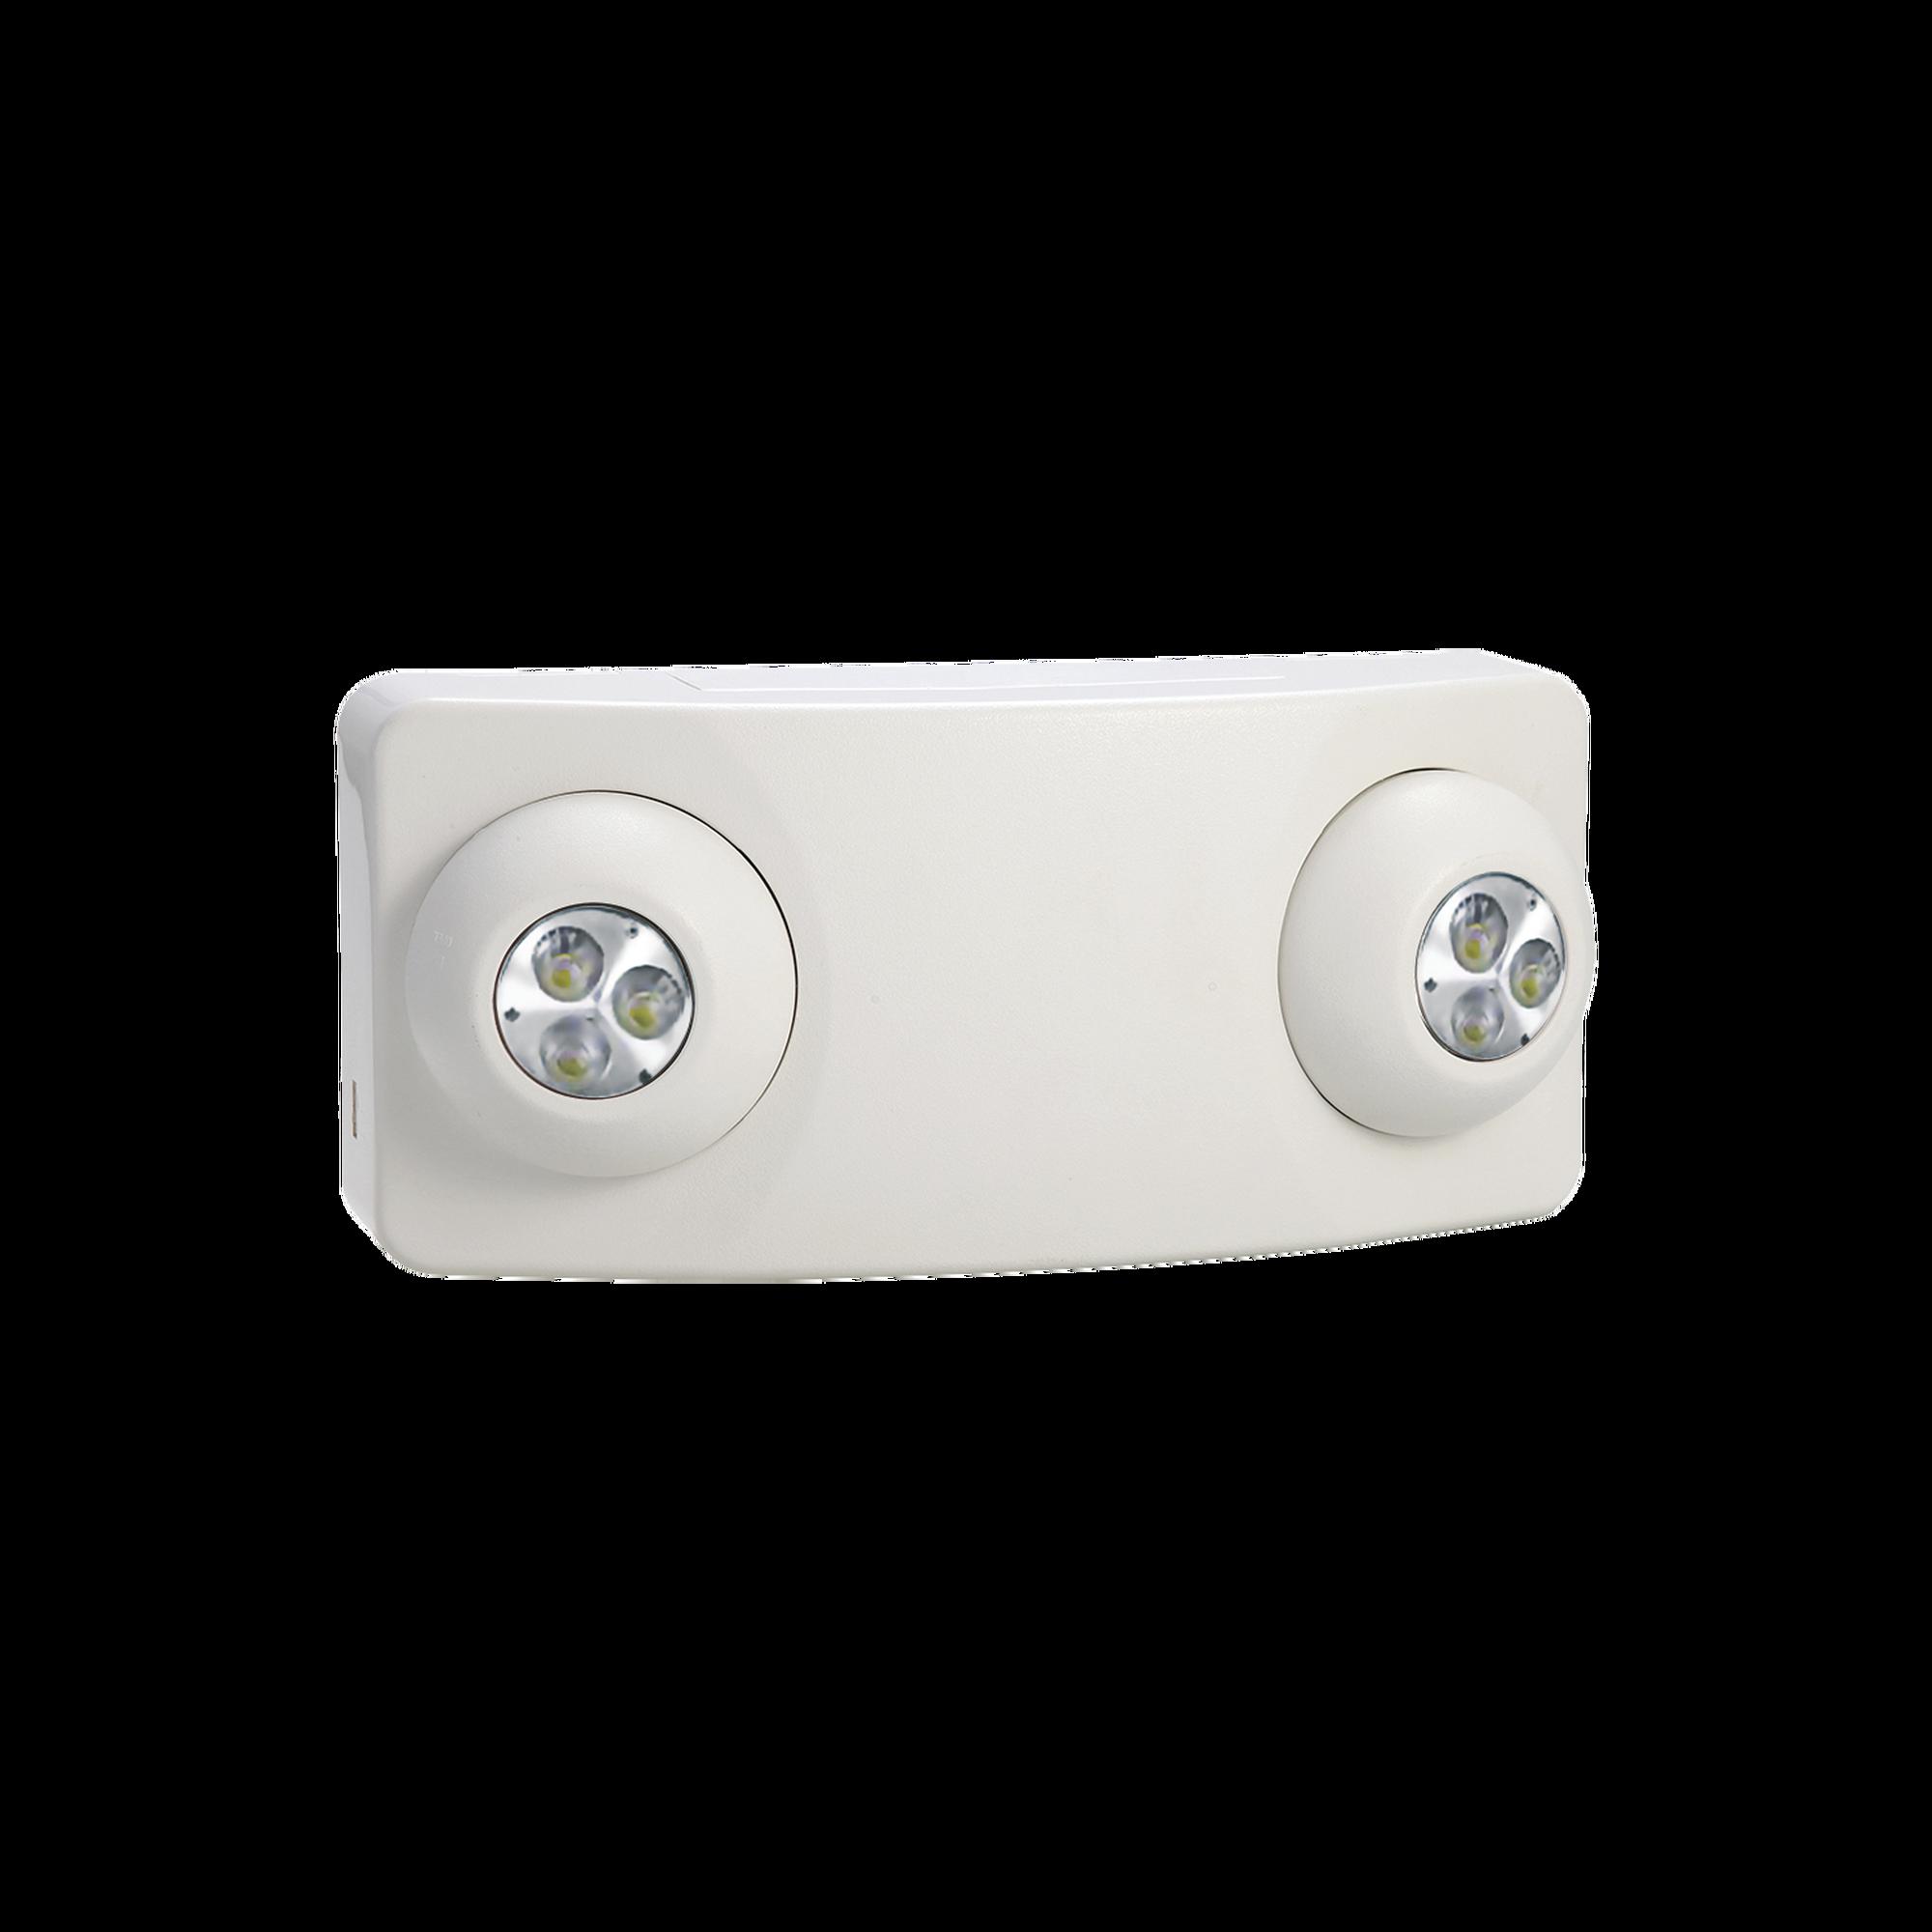 Luz DUAL LED de Emergencia/350lm/Uso Rudo/Montaje en pared o Techo/Bateria de Respaldo Incluida